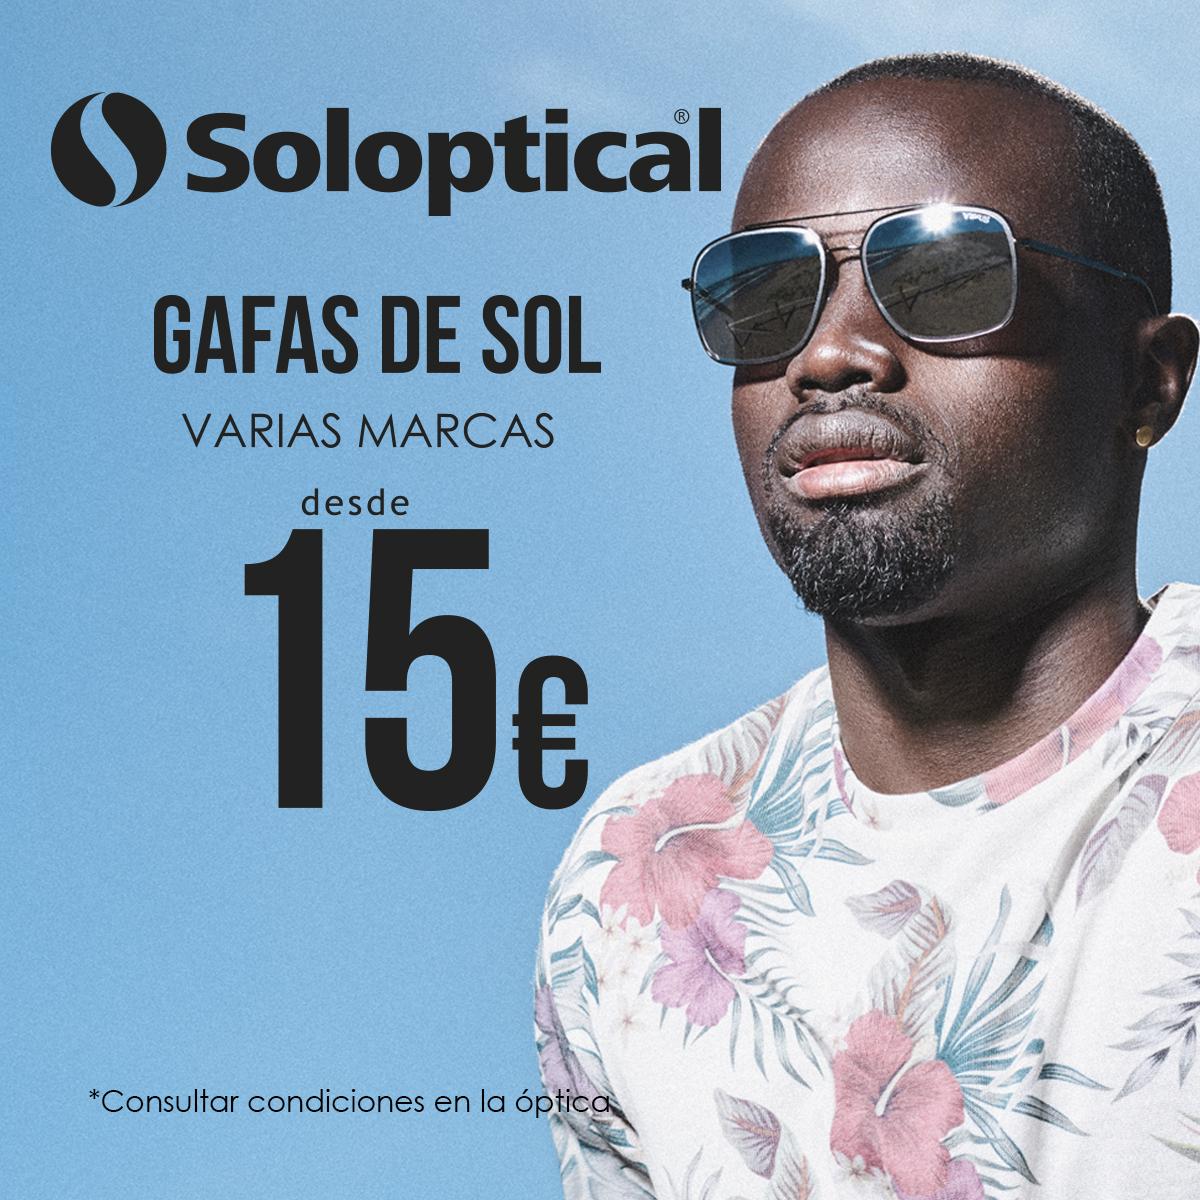 Oferta Soltopical Antequera, Centro Comercial La Verónica